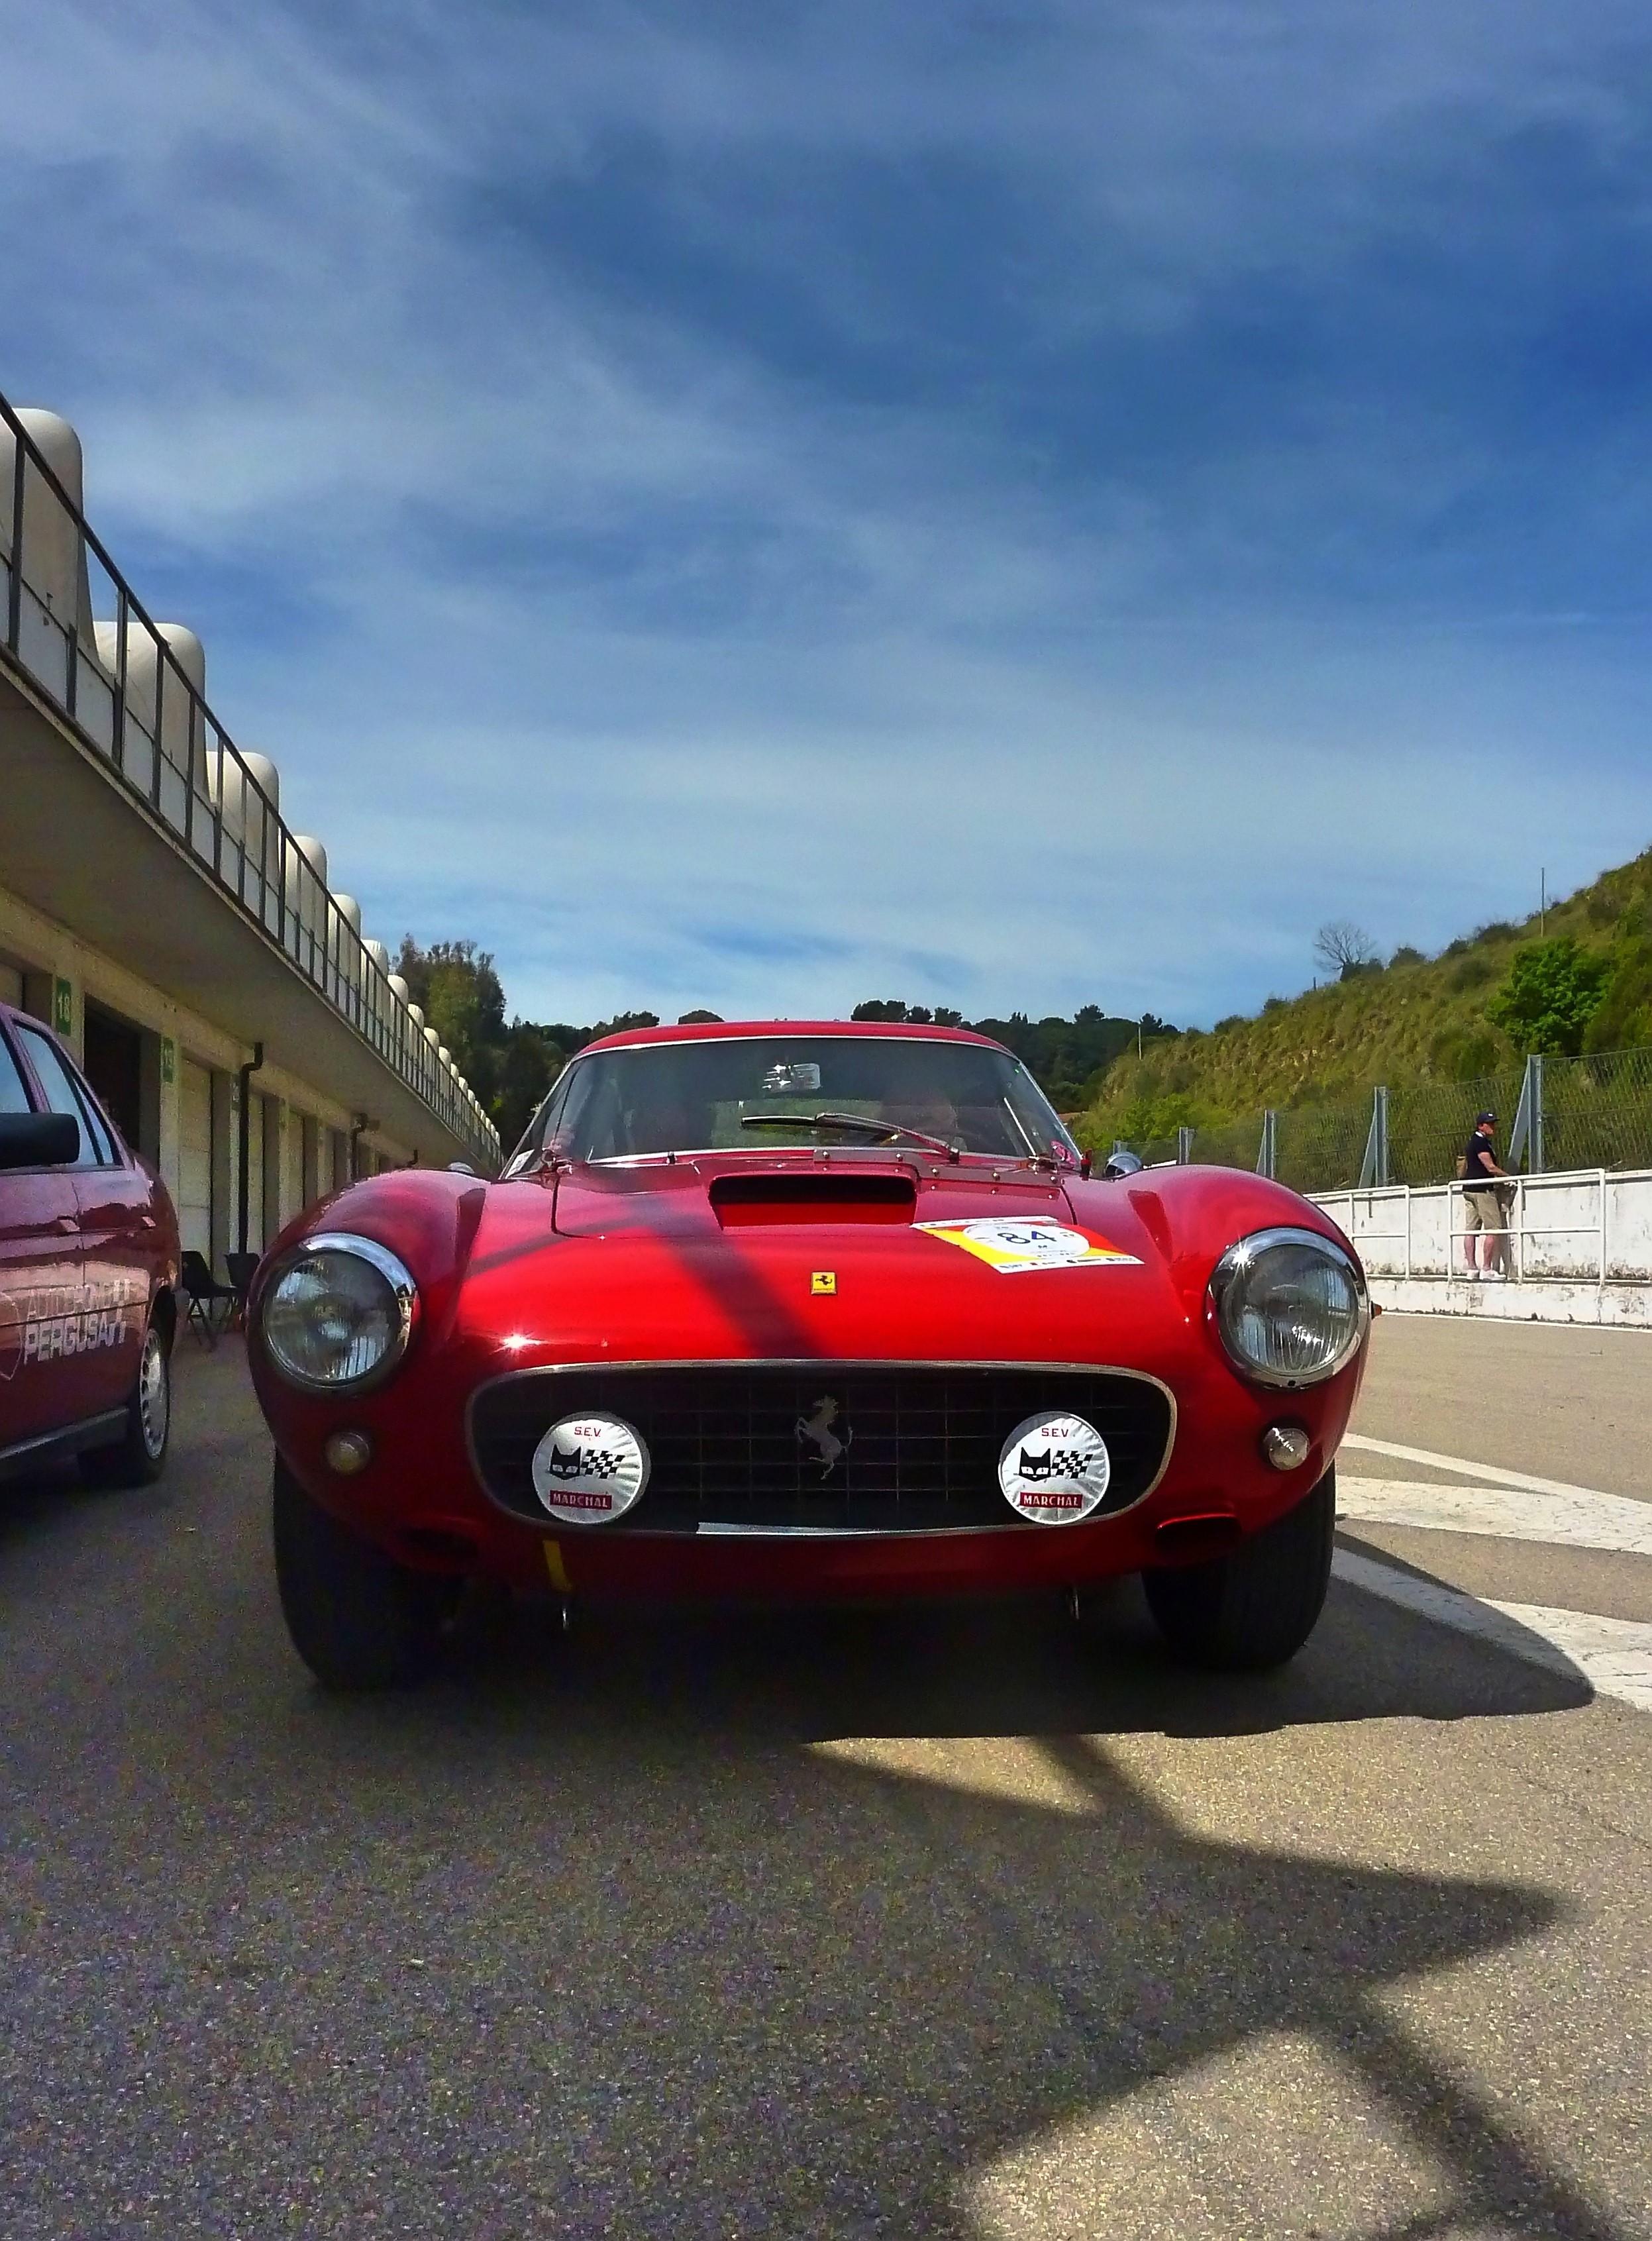 1961 Ferrari 250 GT SWB #2701 (15)_filtered